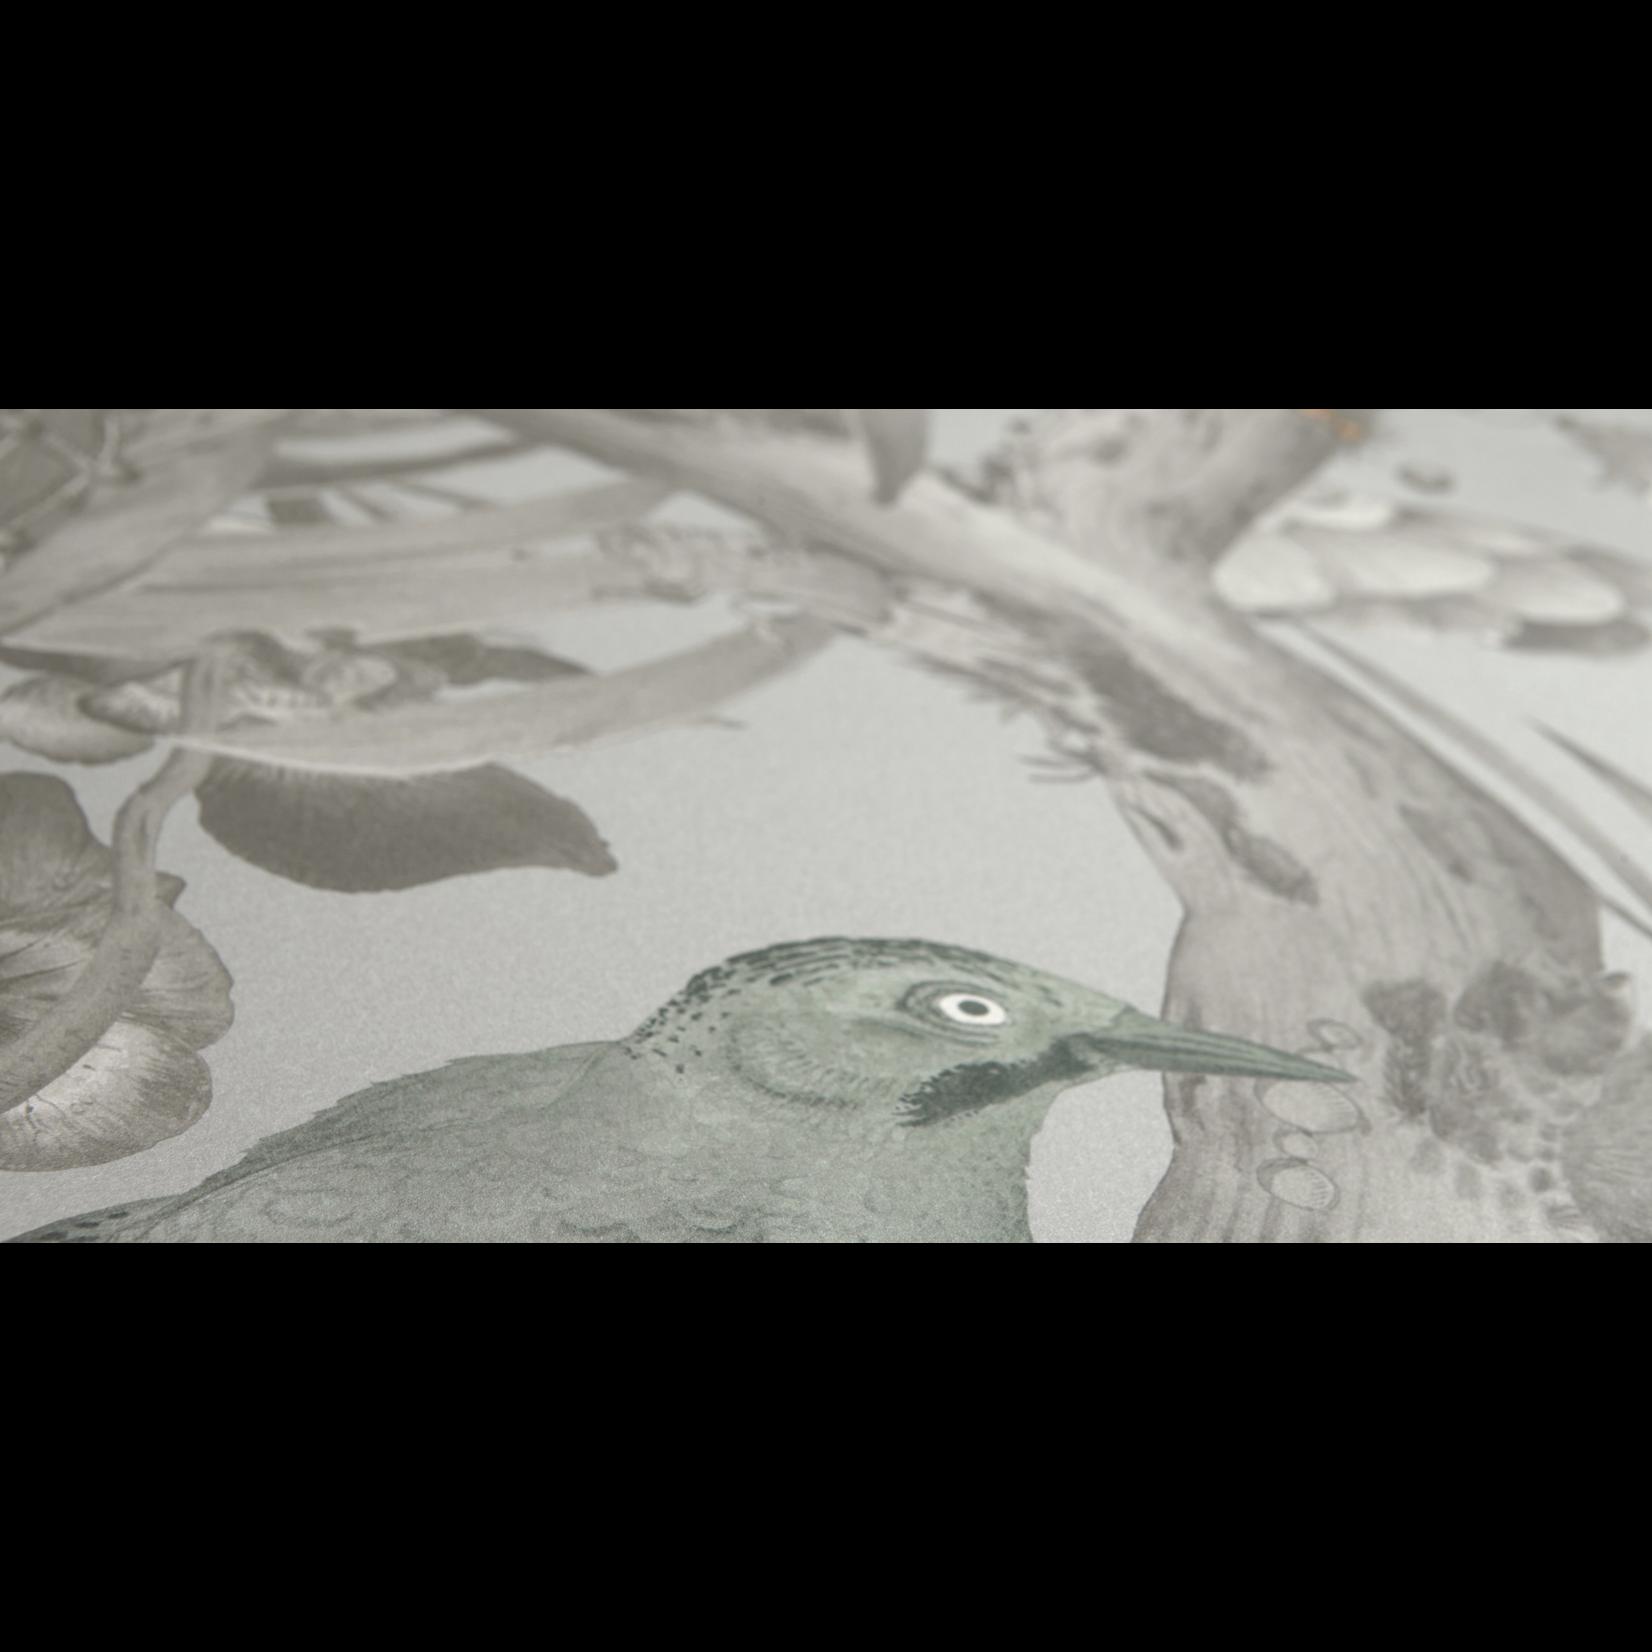 Kit Miles Botanica ecclésiastique | Pierre / Oeuf De Canard Bleu